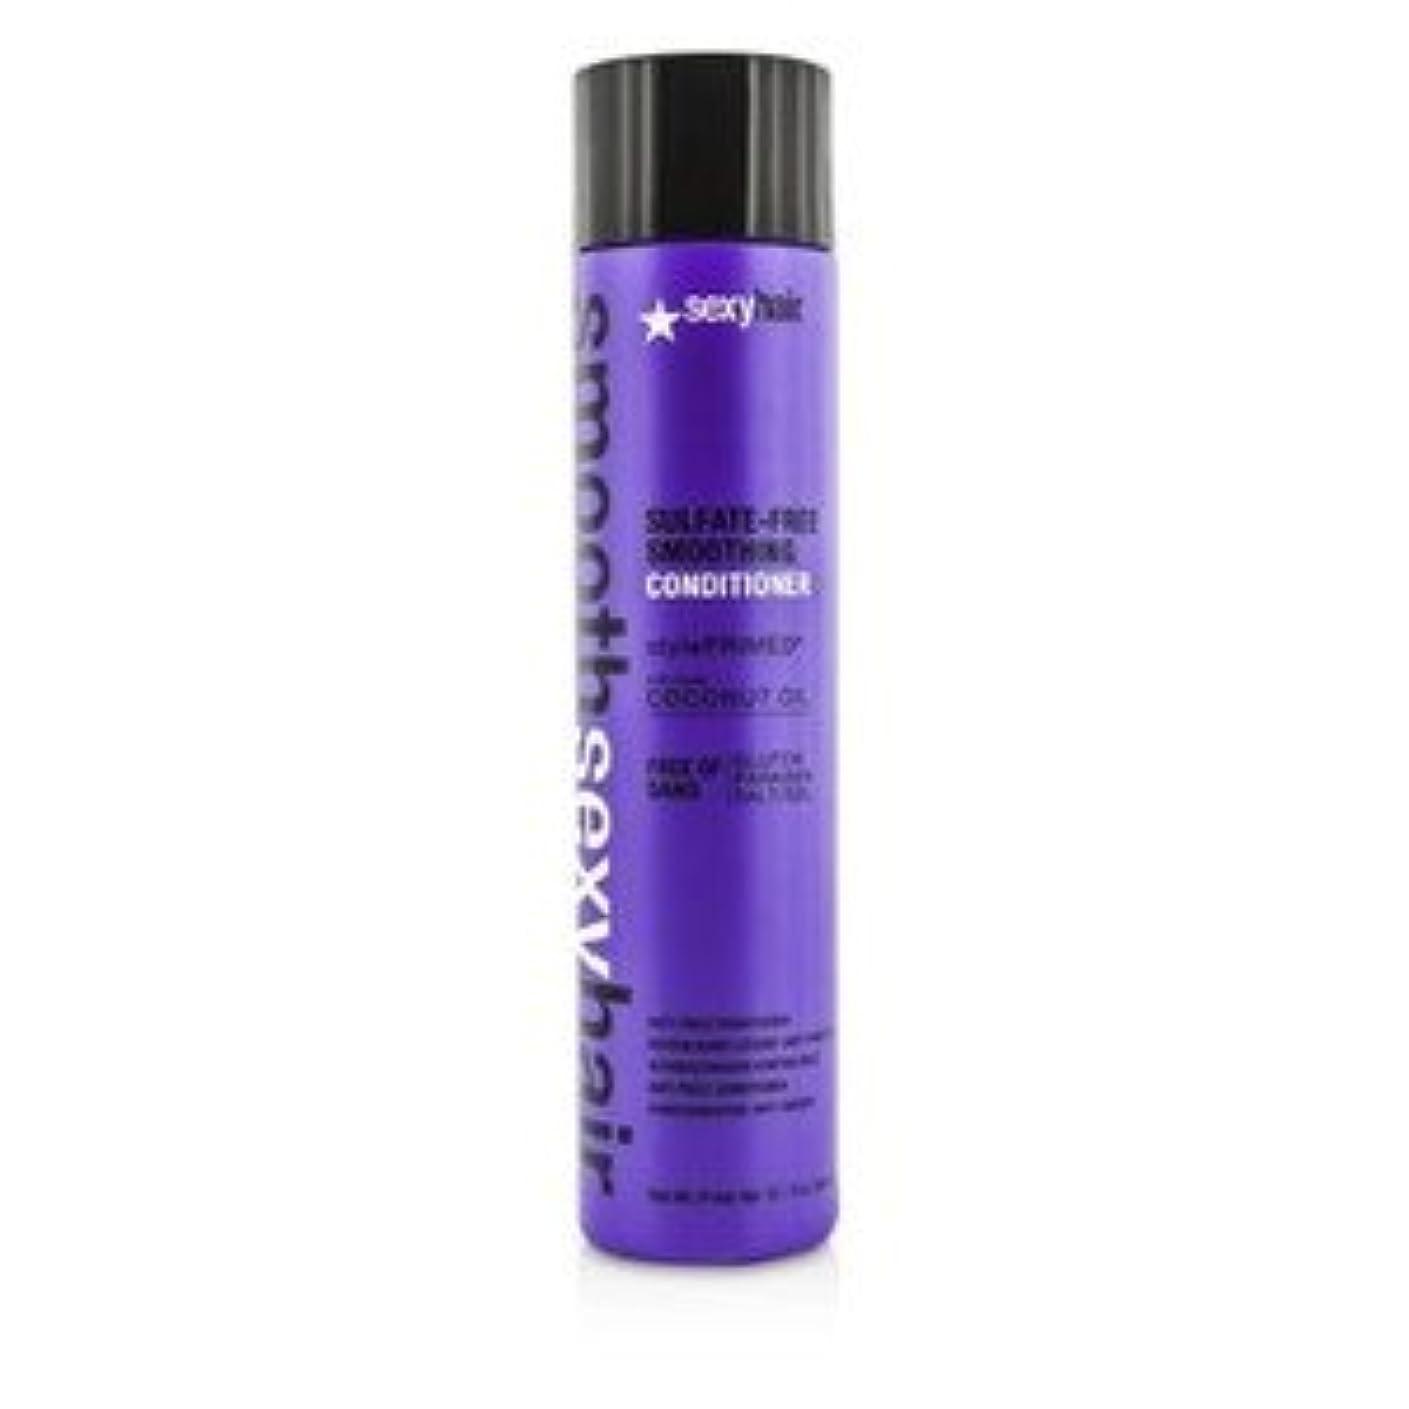 深い橋脚スキームSexy Hair スムース セクシー ヘア サルフェートフリー スムージング コンディショナー(Anti-Frizz) 300ml/10.1oz [並行輸入品]